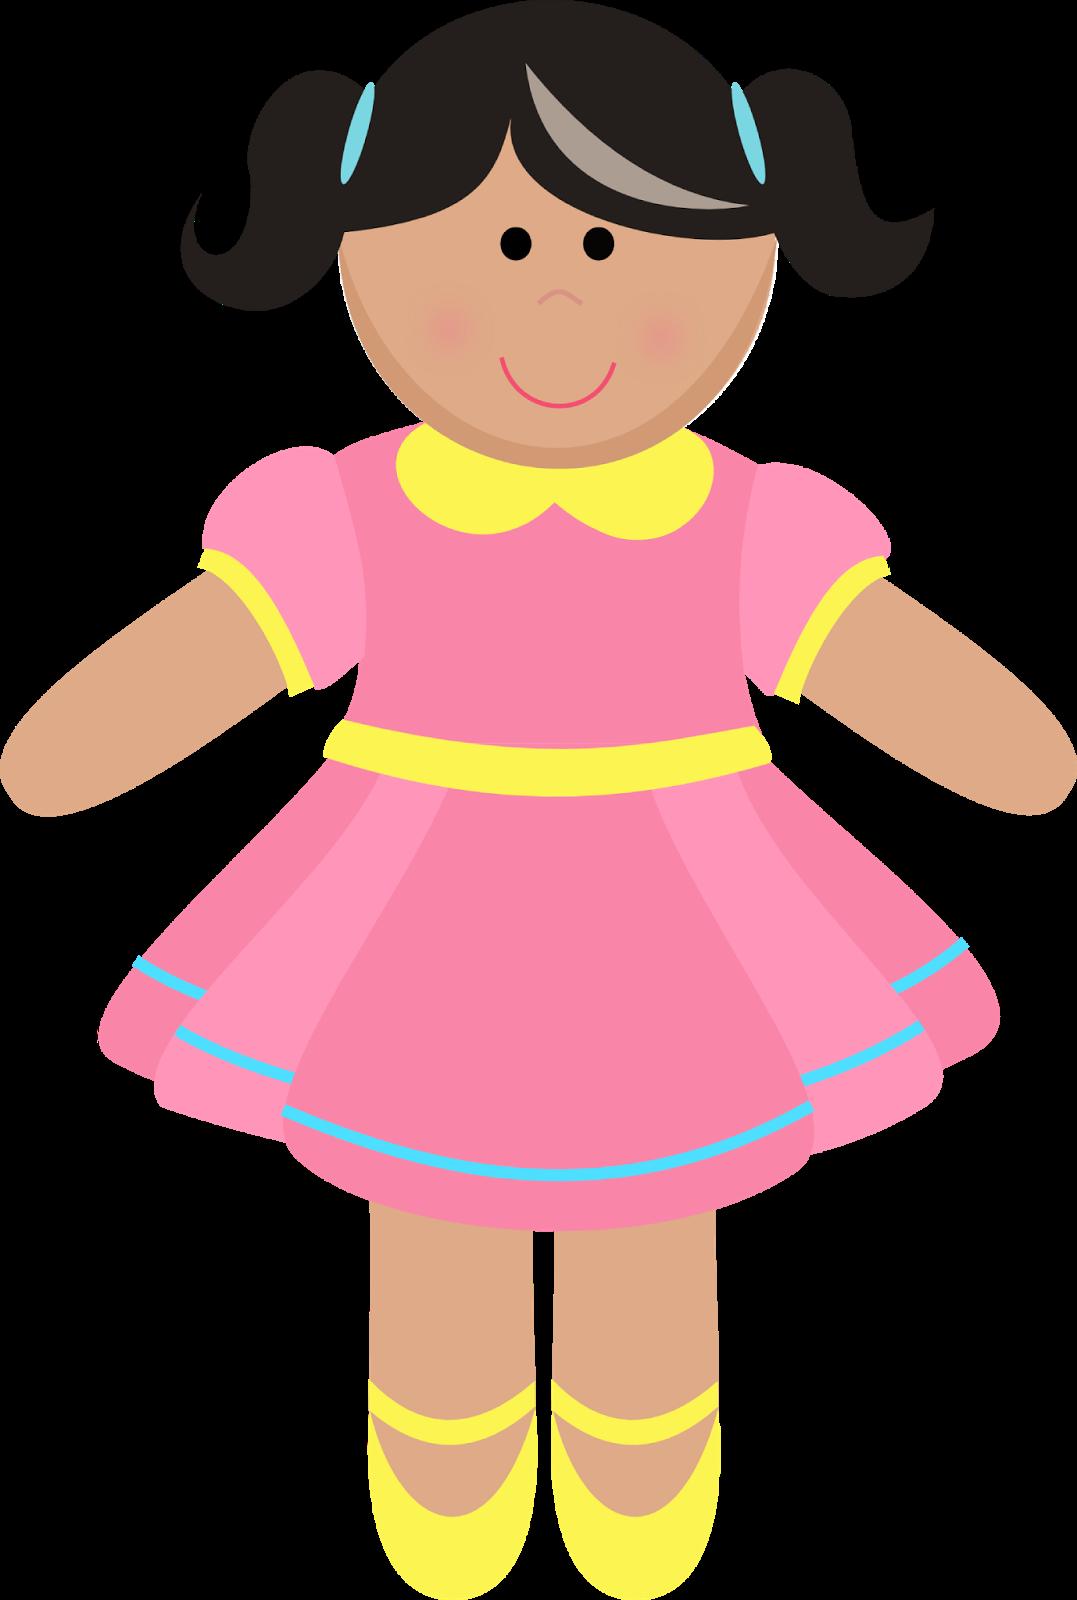 Montando a minha festa Imagens: Boneca de pano | Fun ideas | Pinterest